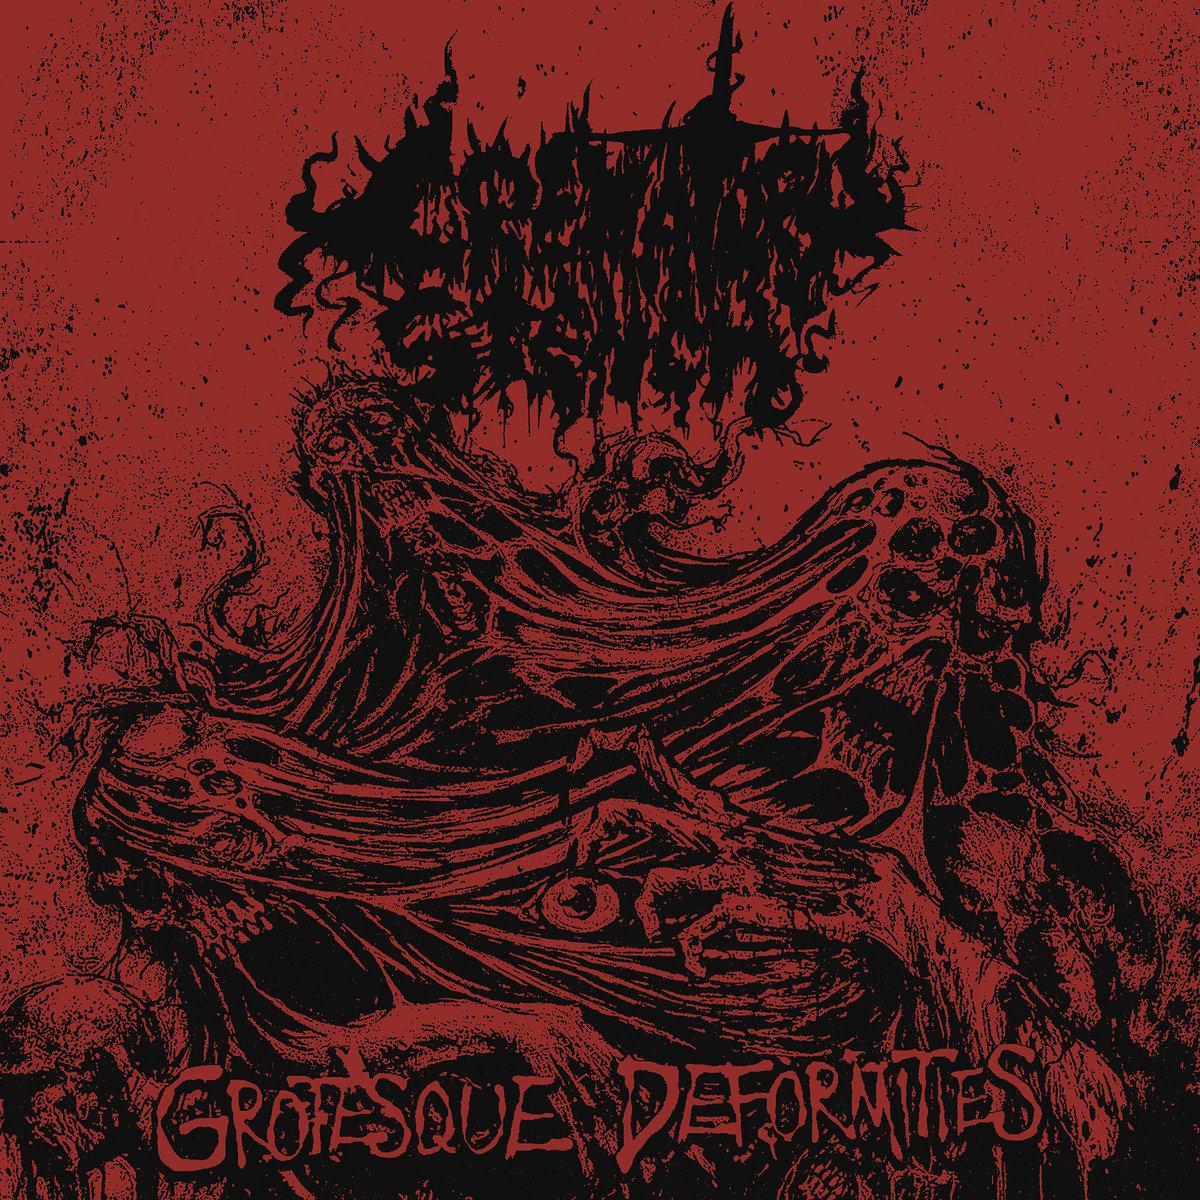 grotesque deformities blood harvest